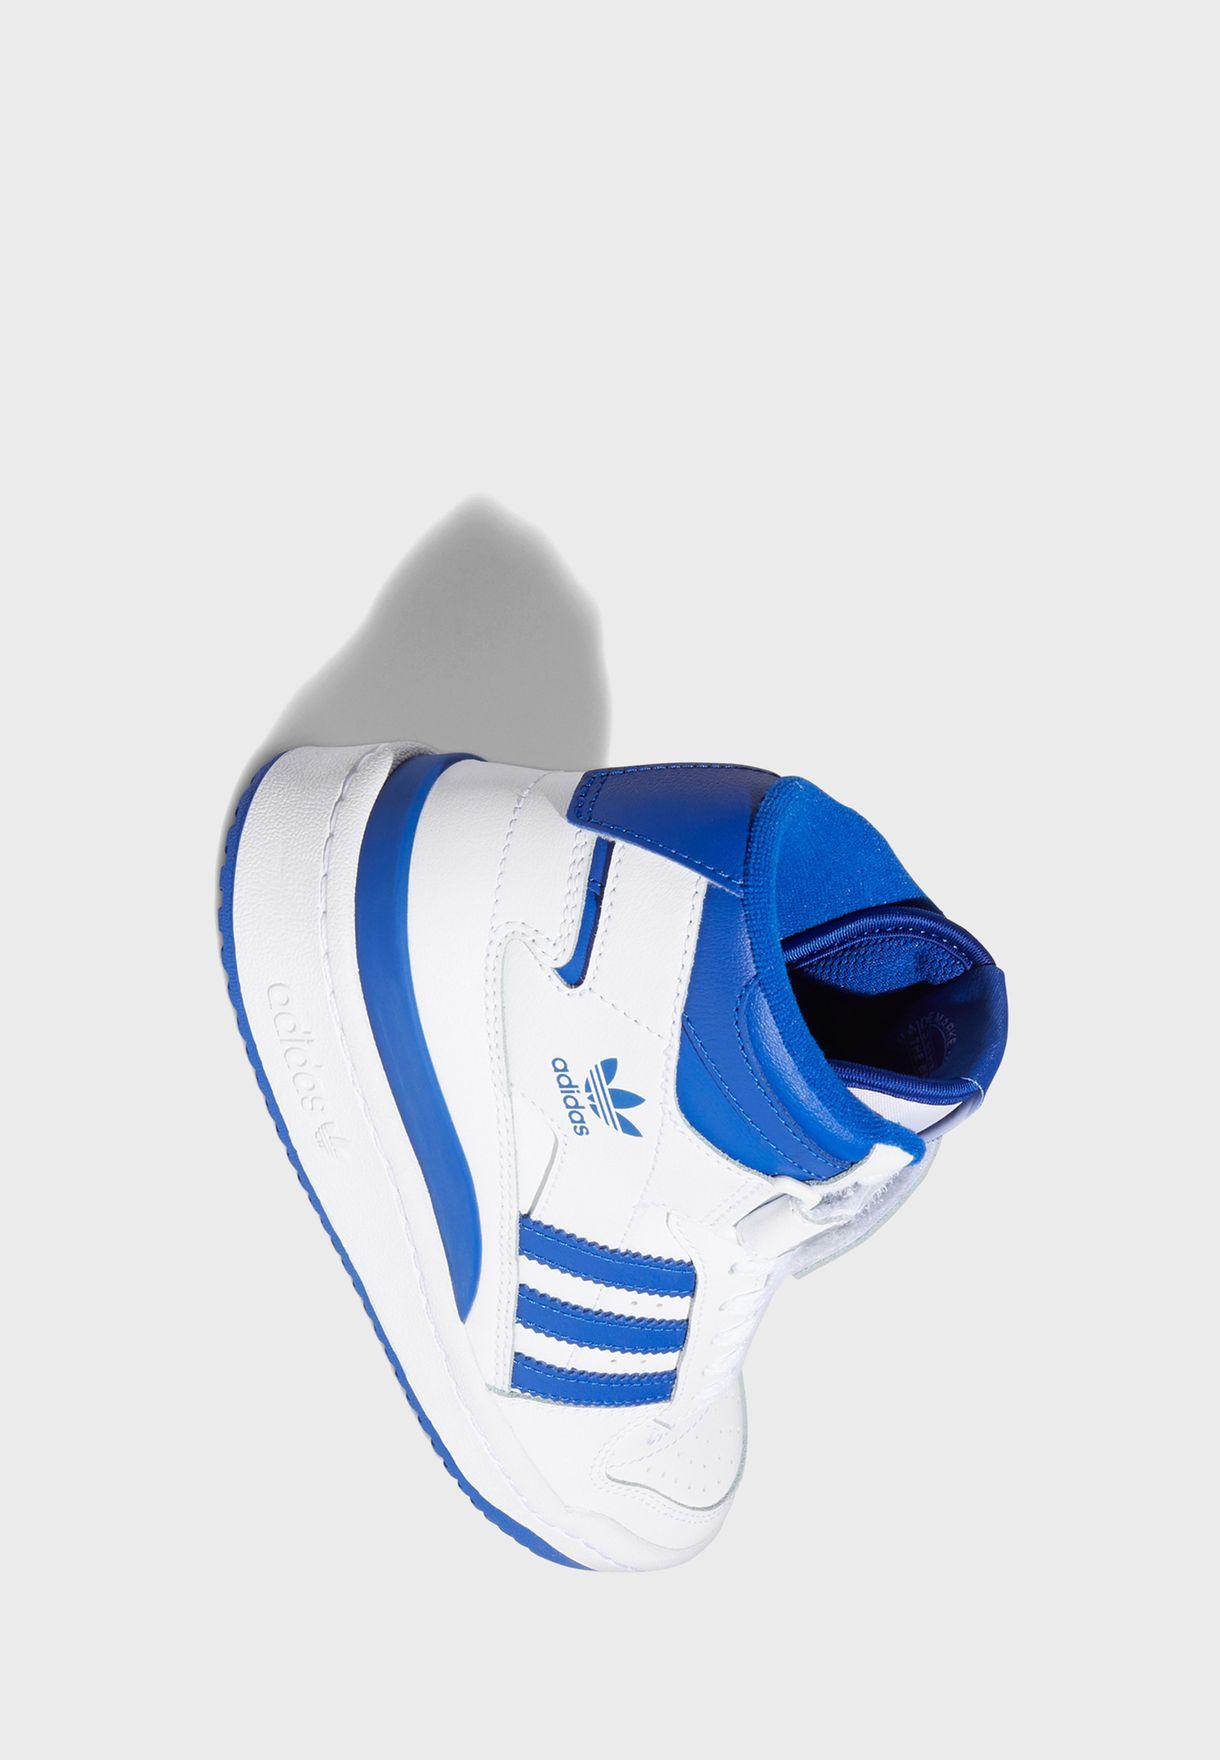 حذاء رياضي بكاحل متوسط الارتفاع